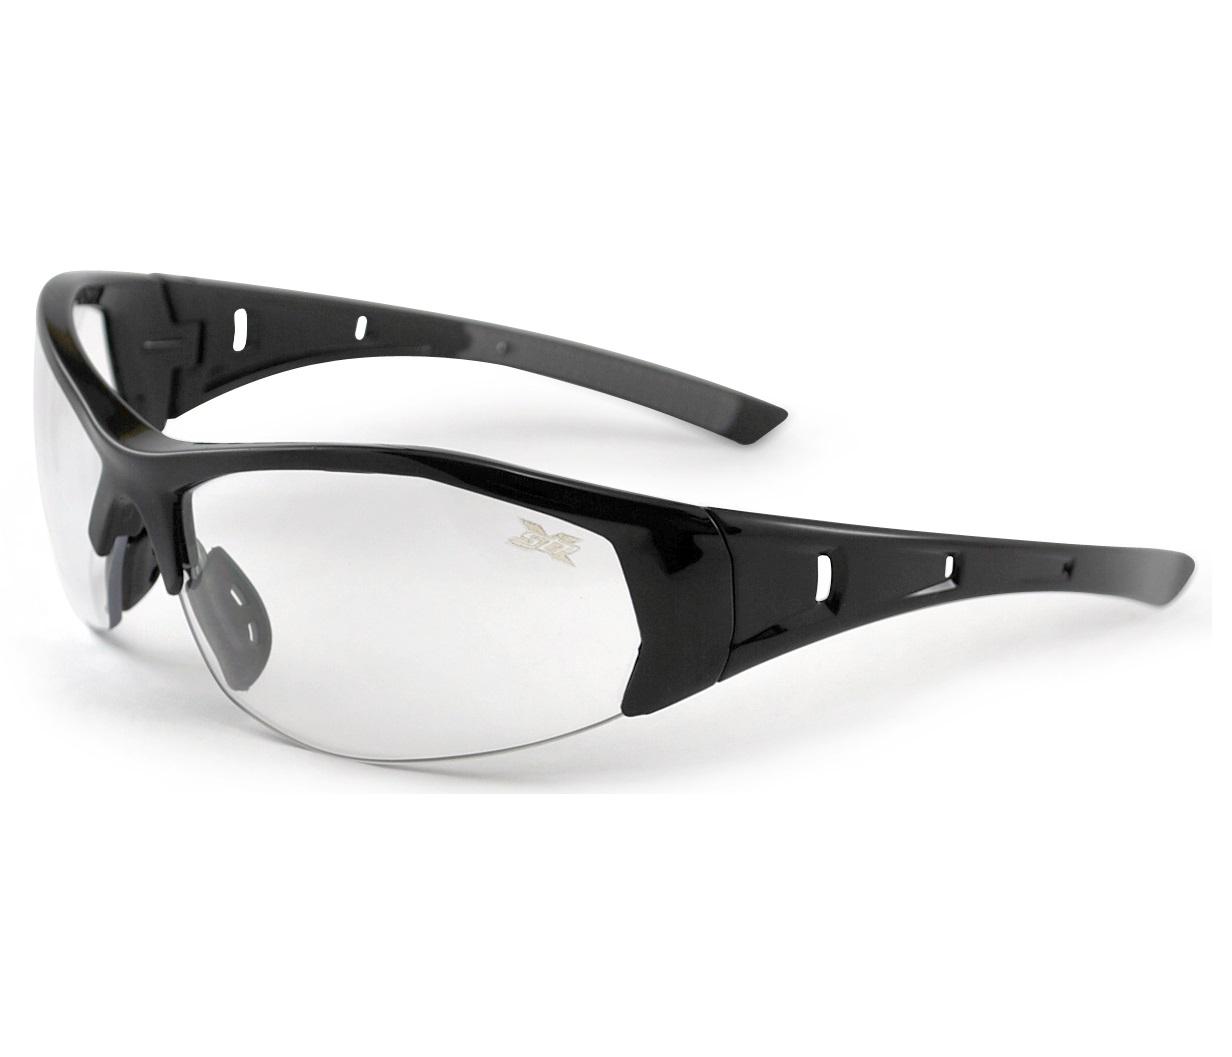 62e939eac715a Óculos de segurança